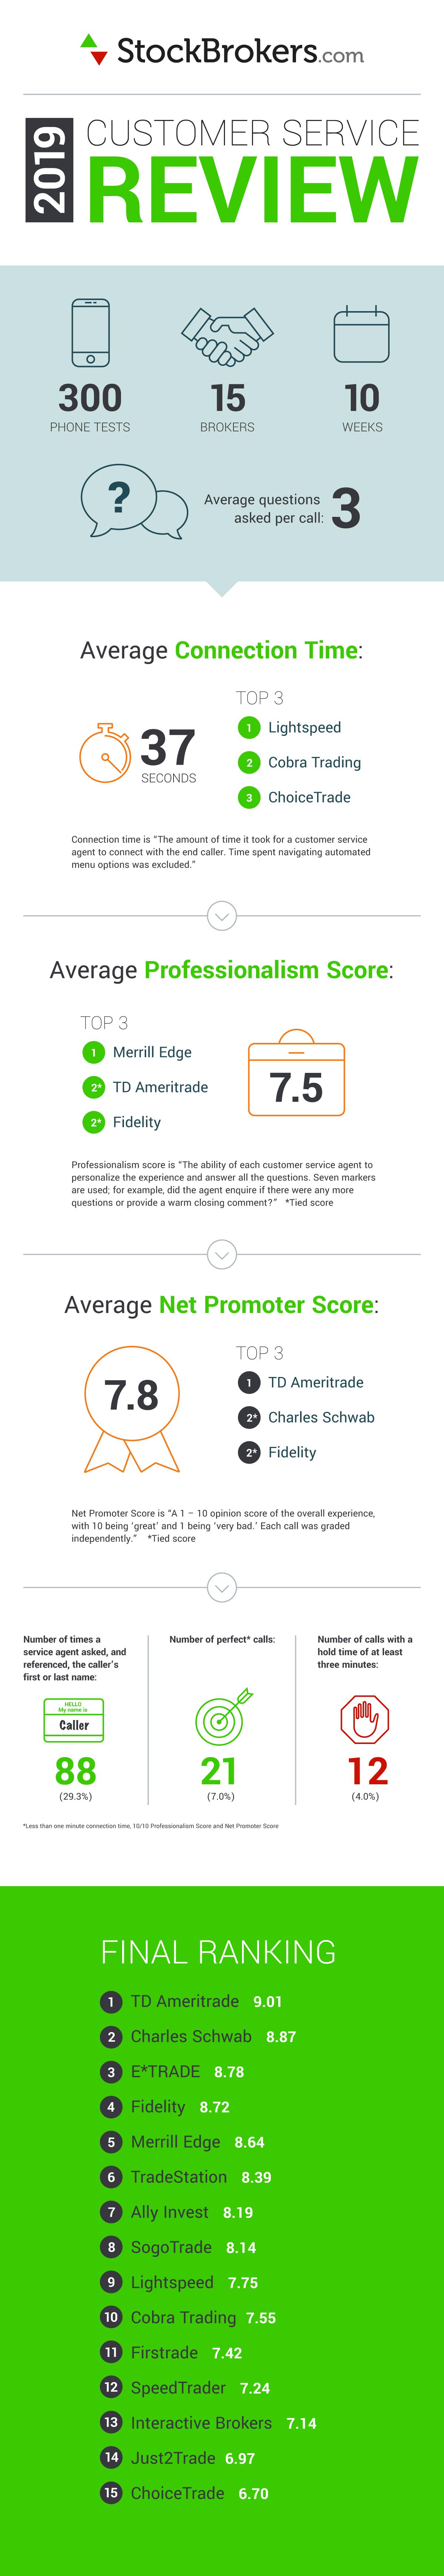 2019 online brokers customer service infographic